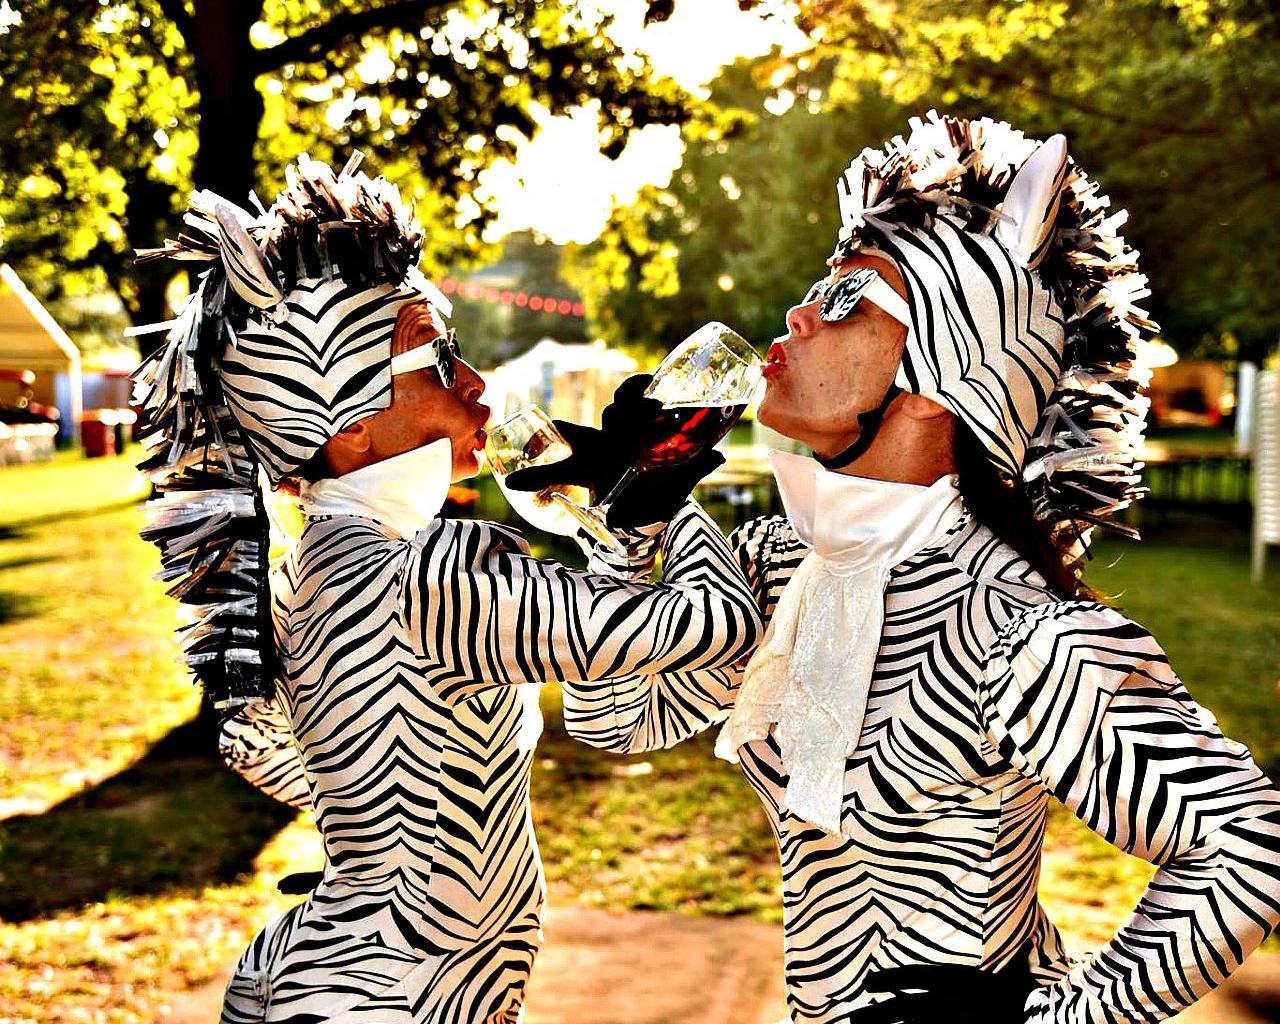 Zebras drinking wine 1280 x 800 crop.jpg